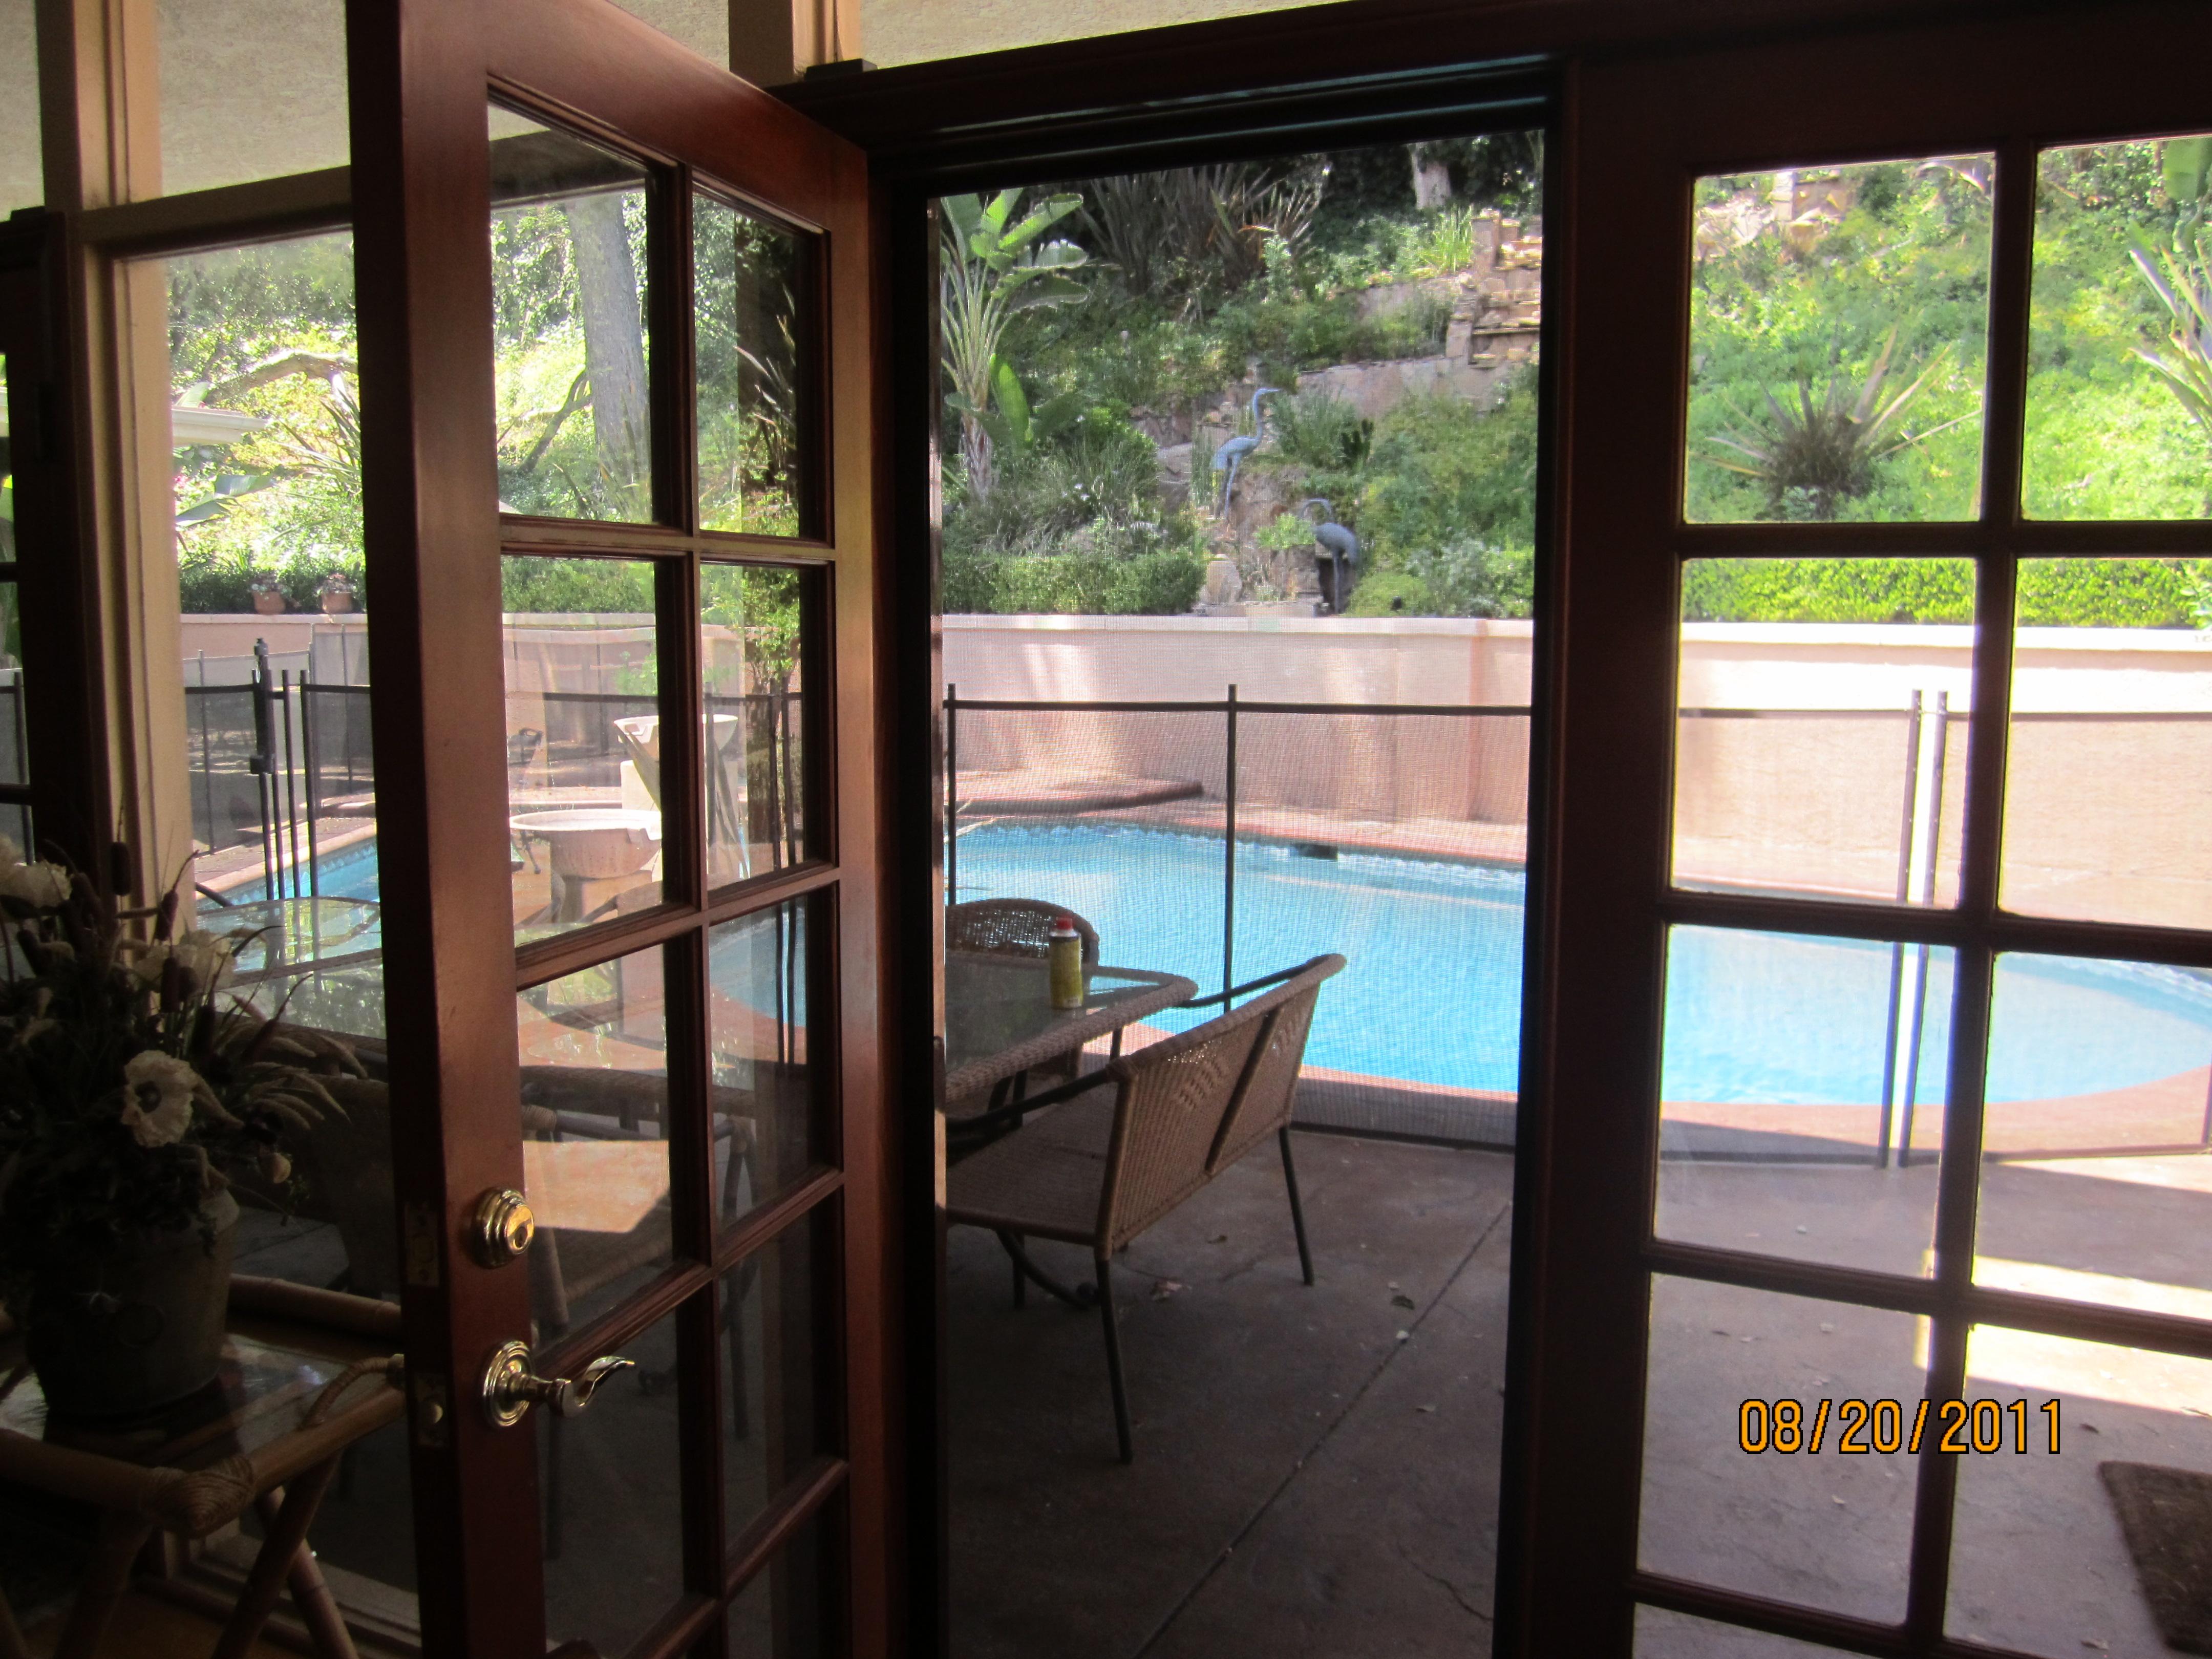 Patio screen doors licensed contractor custom screens for Roll away screens for patio doors